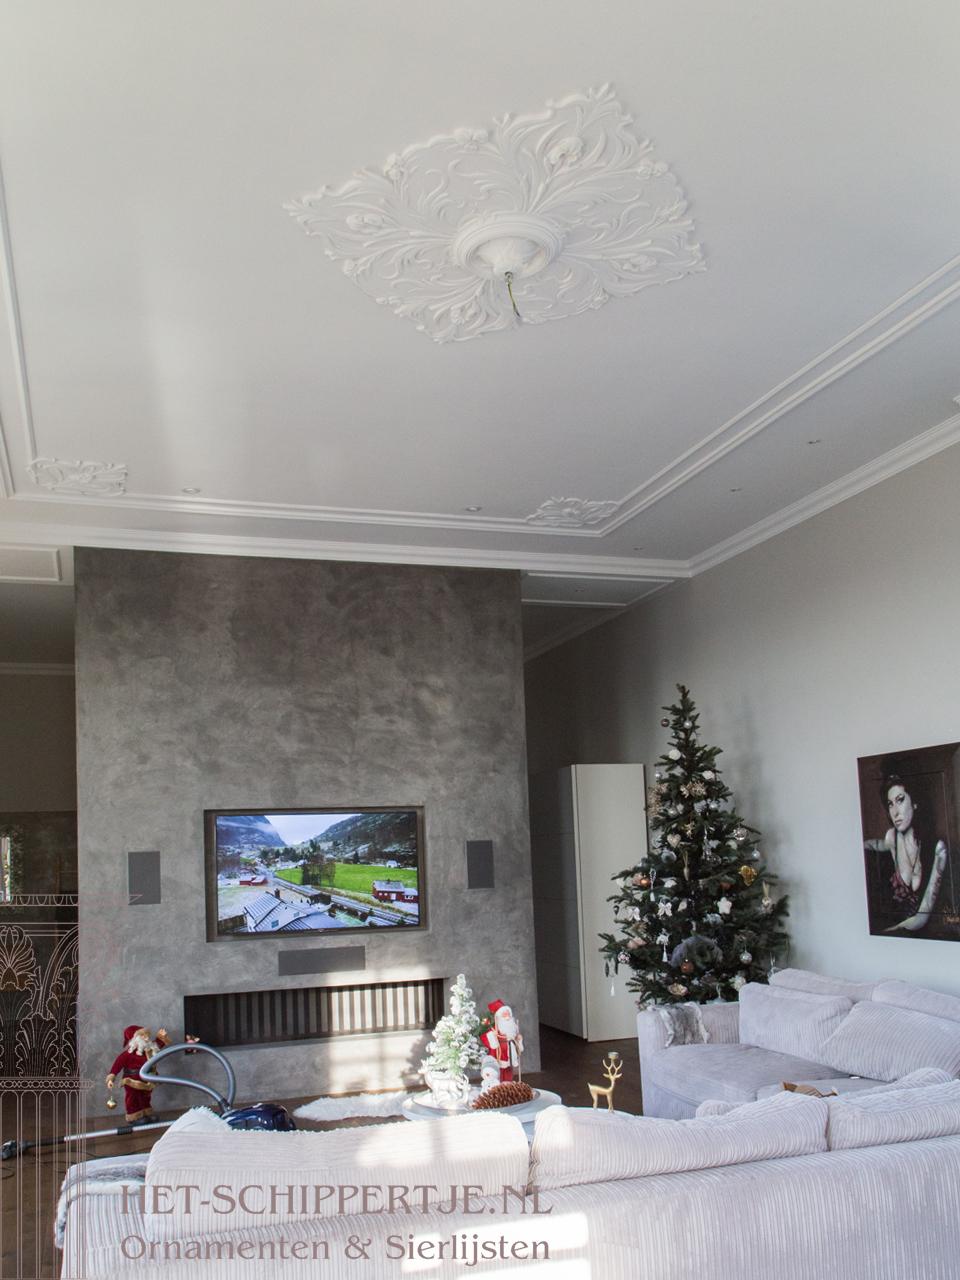 ornamentenplafonds jugendstil woonhuis